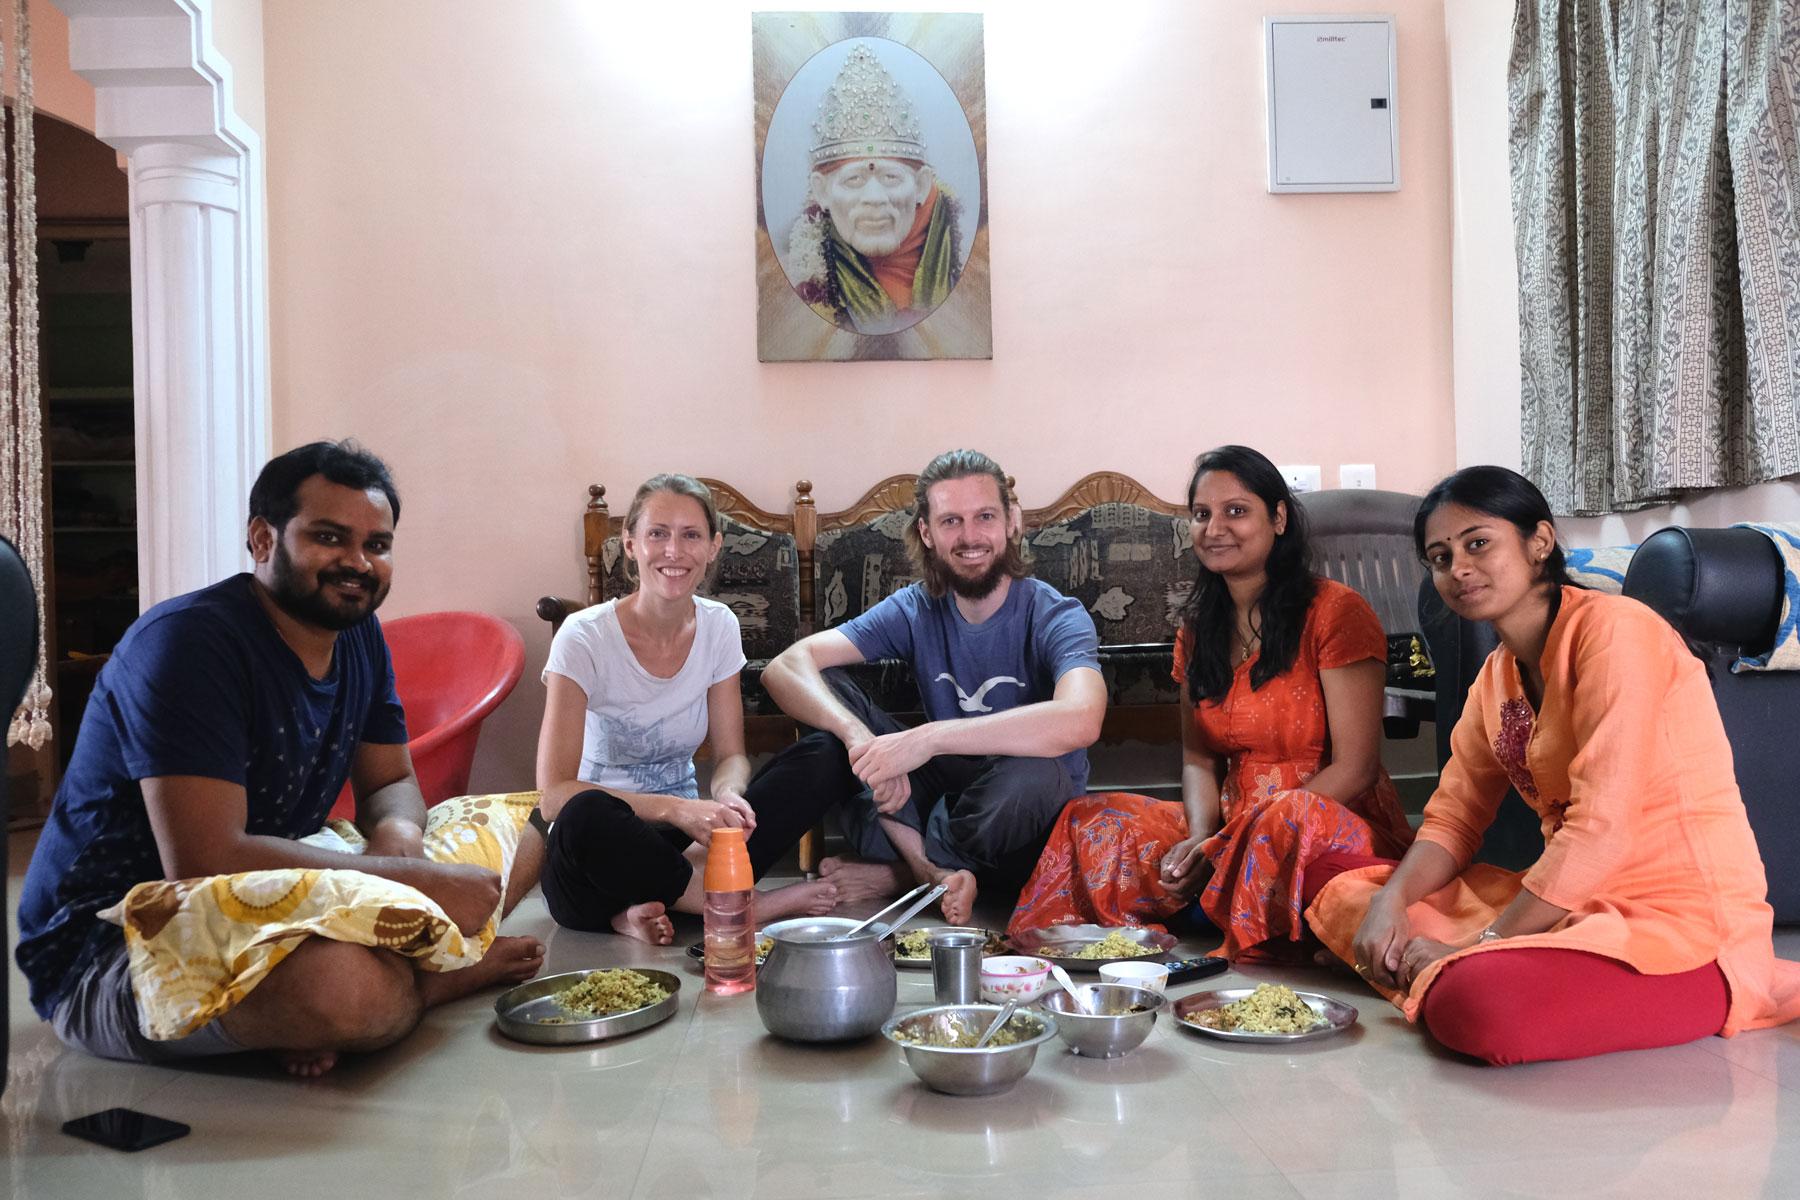 Leo und Sebastian sitzen mit Indern auf dem Boden und essen.